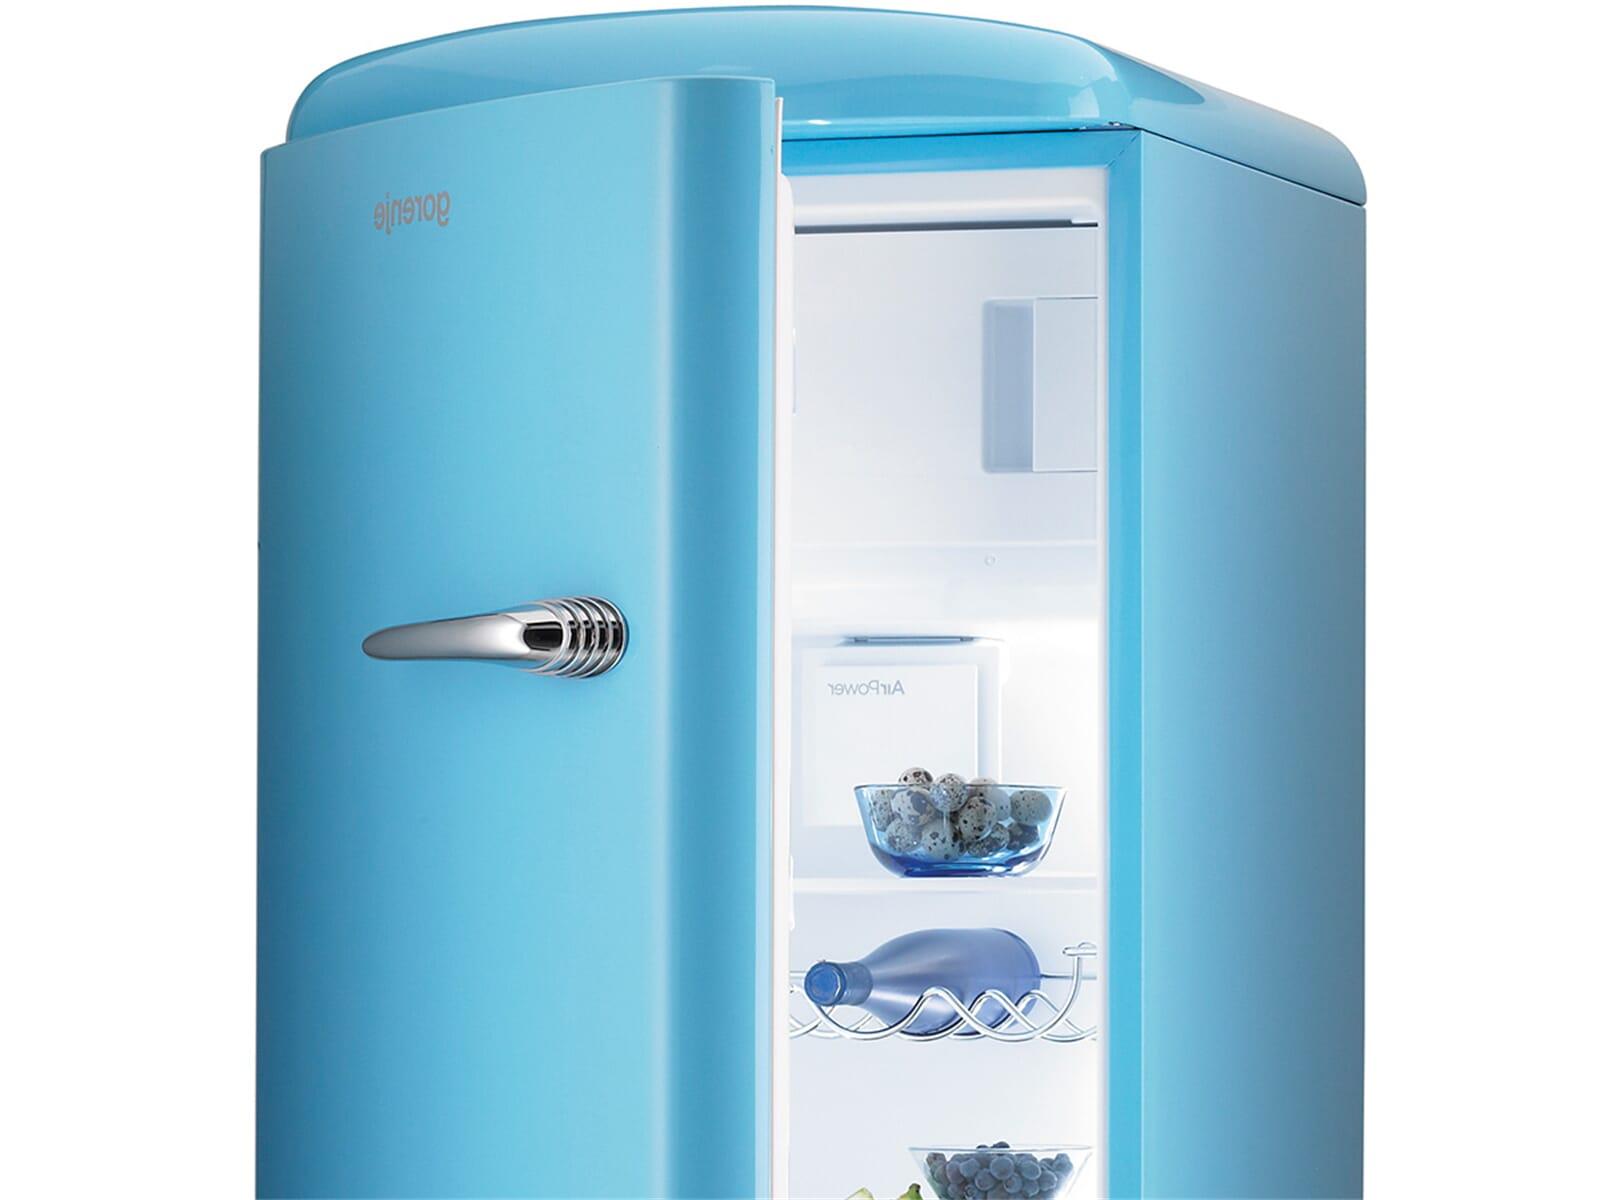 Gorenje Kühlschrank Mint : Kühlschrank retro blau retro kühlschränke liegen voll im trend